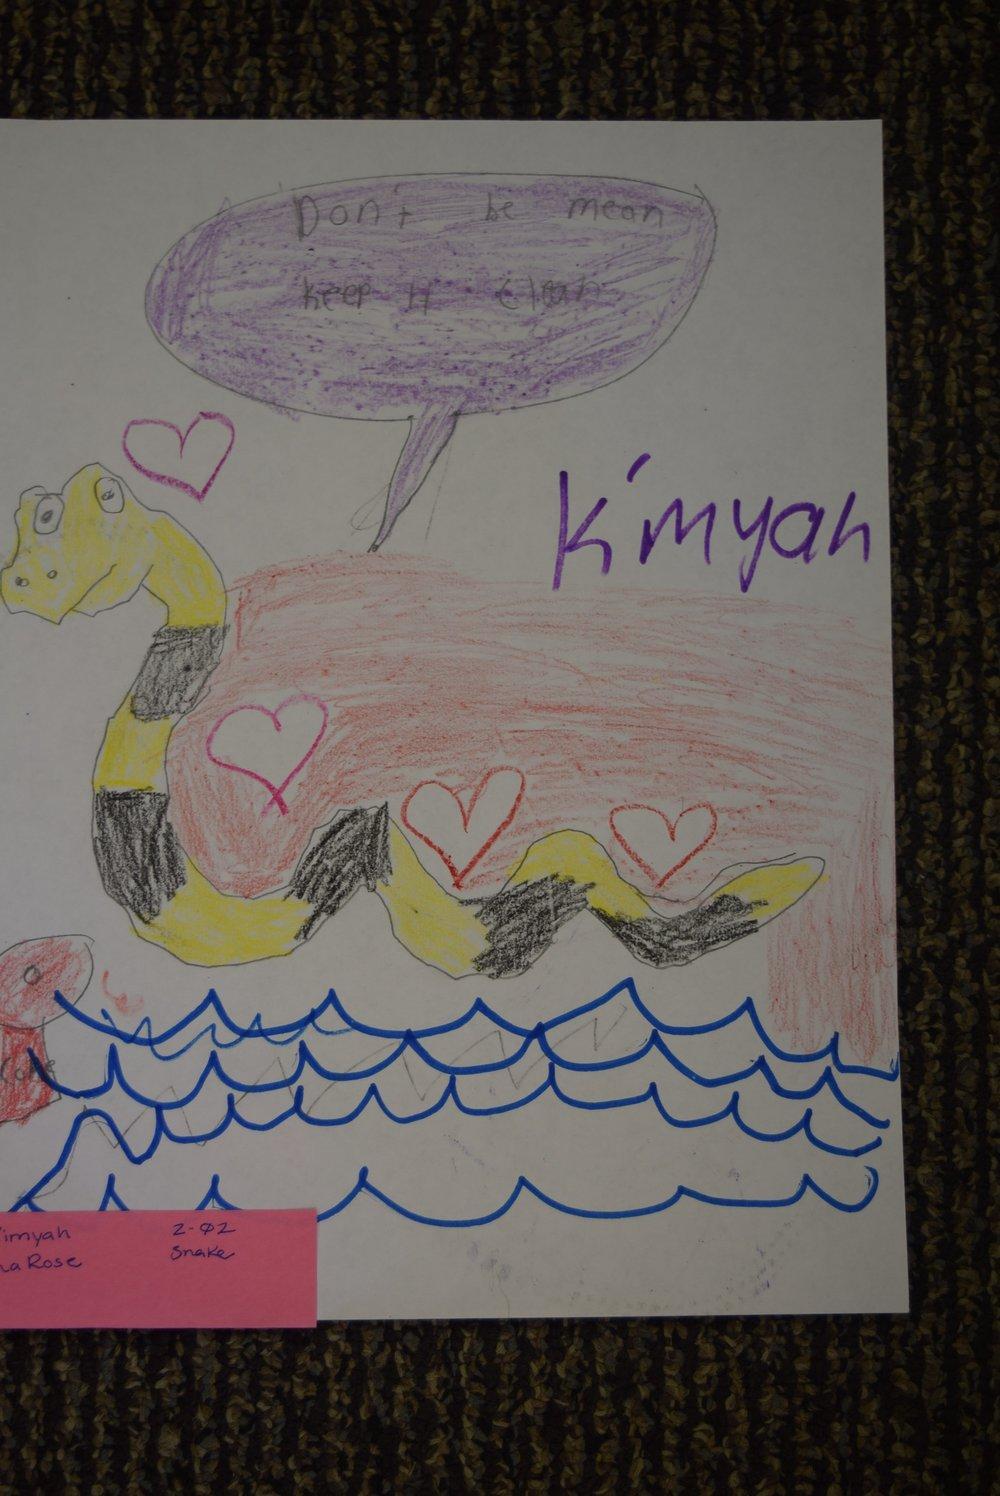 Kimyah- LaRose, 2-02